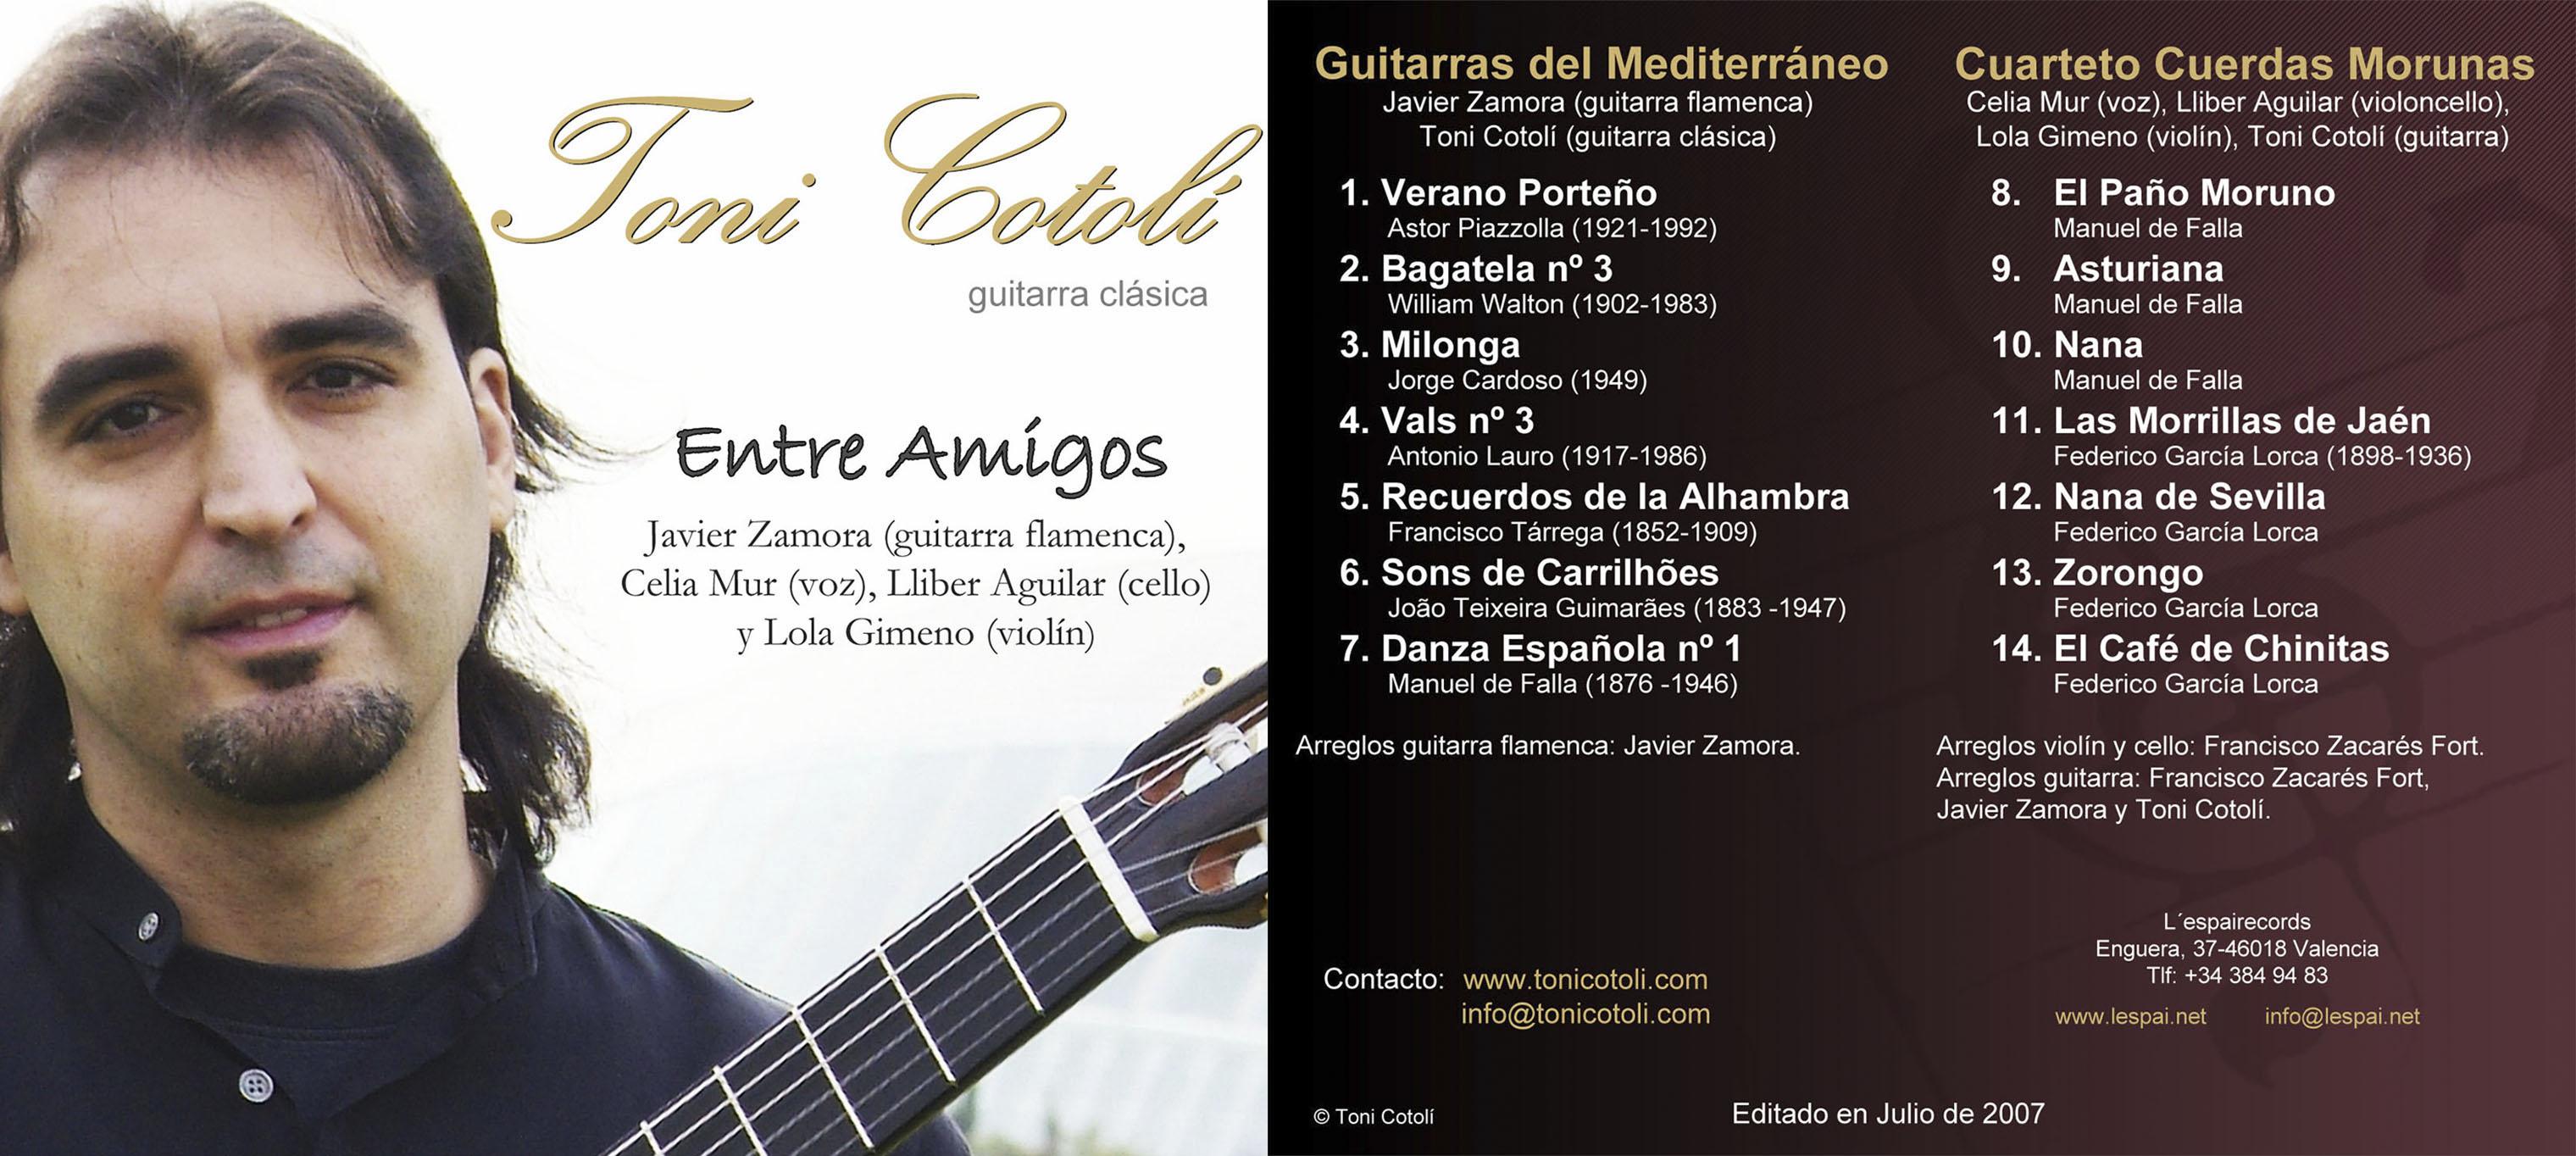 """Toni Cotolí, guitarrista clásico valenciano, acaba de publicar su segundo trabajo discográfico bajo el nombre """"Entre Amigos"""""""